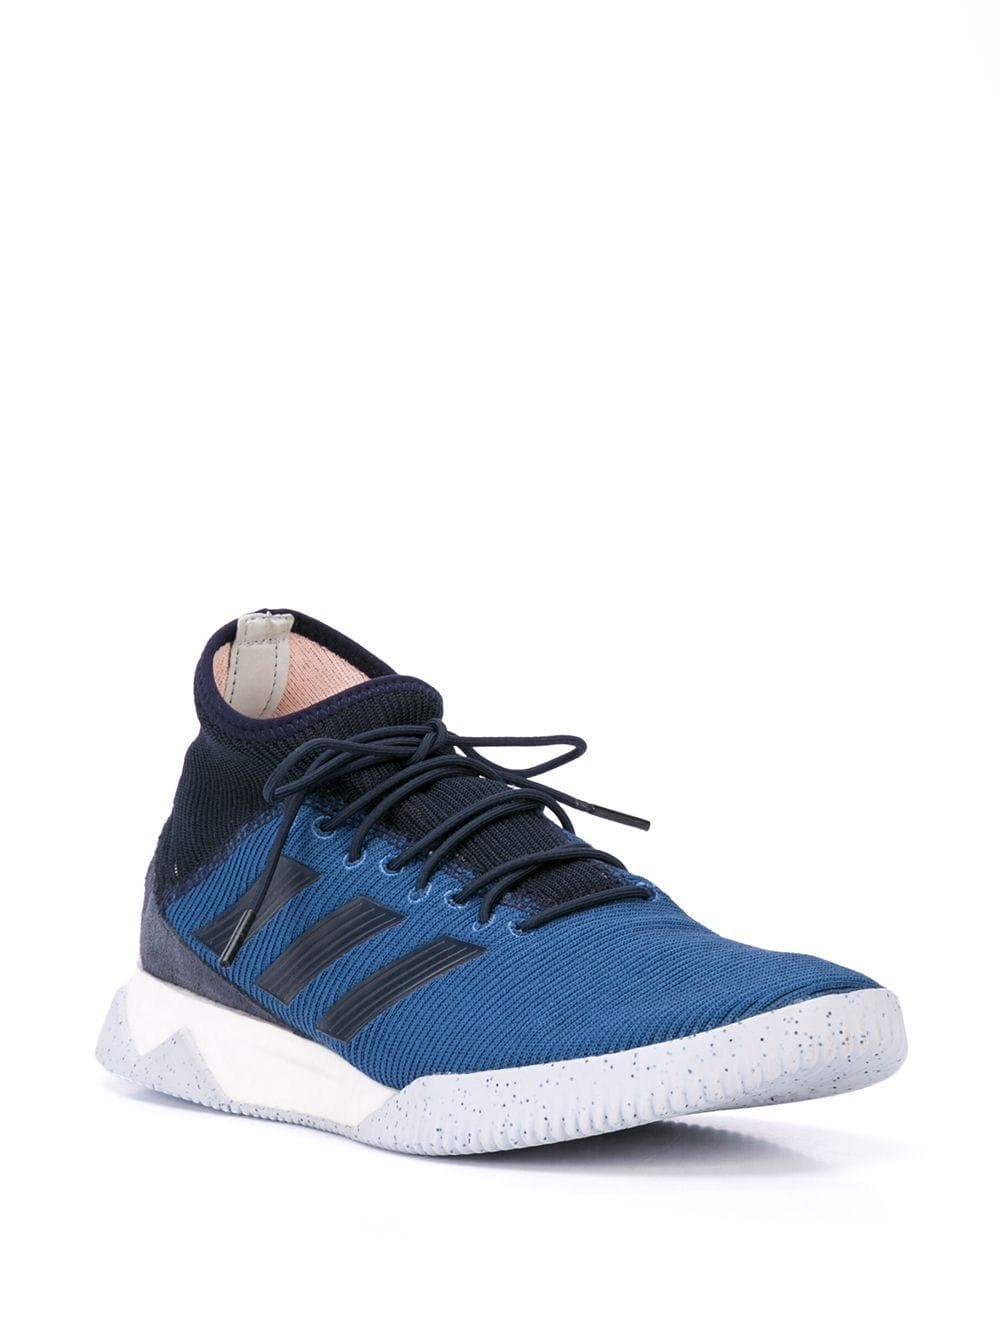 adidas Predator Tango 18.1 Sneakers in het Blauw voor heren